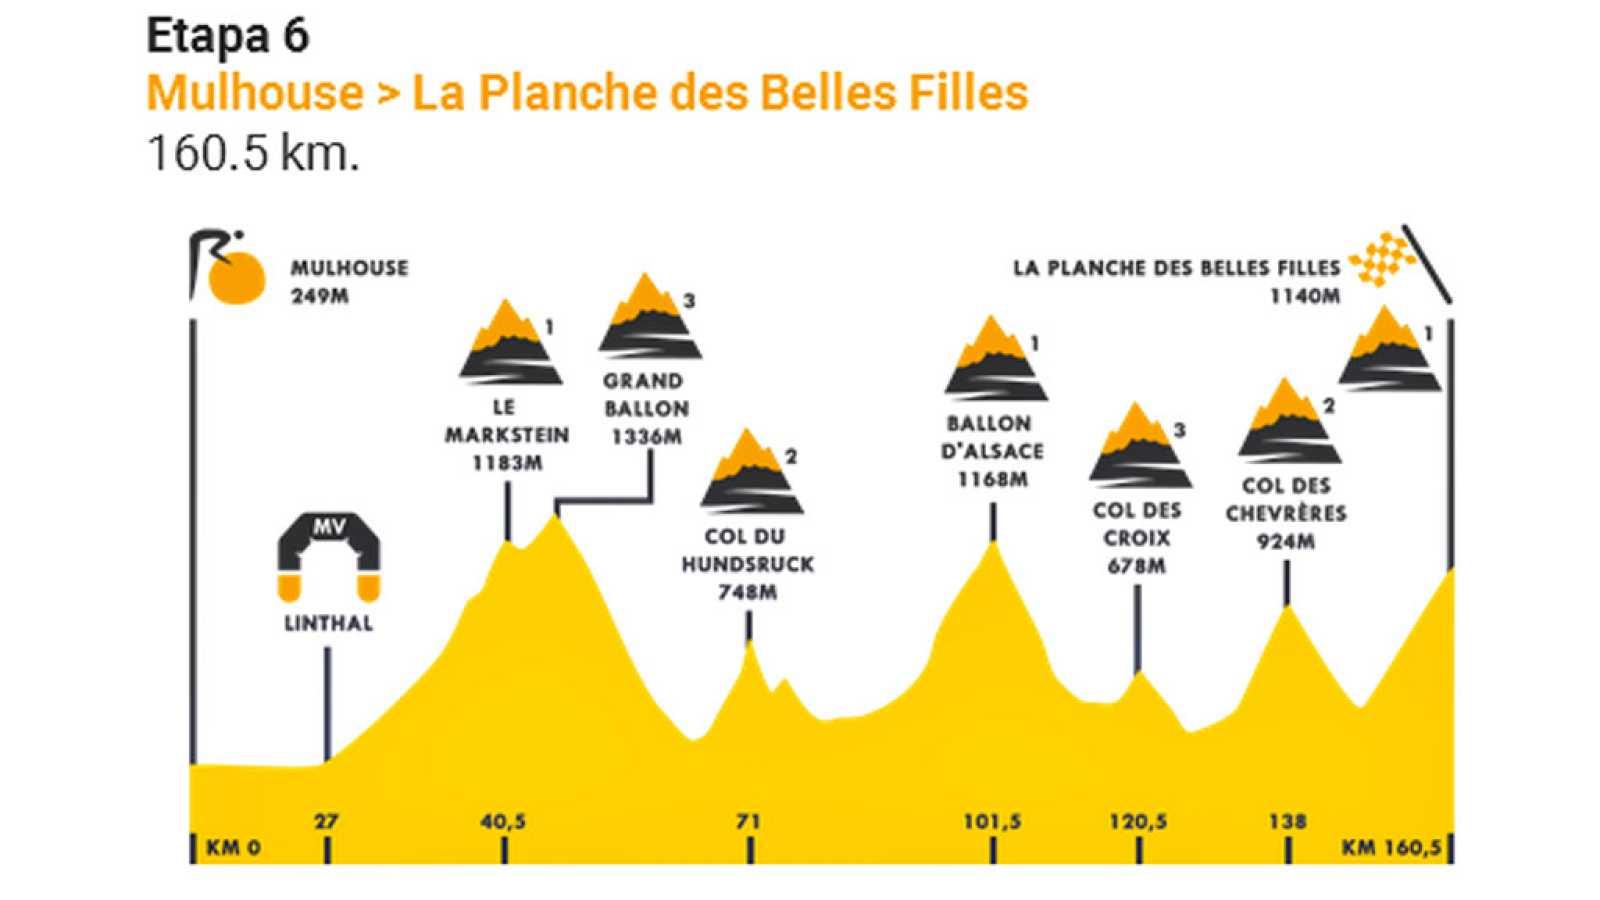 Segunda etapa de Los Vosgos, primera llegada en alto apenas seis días después del inicio de la carrera, meta en la ya mítica Planche des Belles Filles, por cuarta vez en la historia del Tour, que la descubrió en 2012.